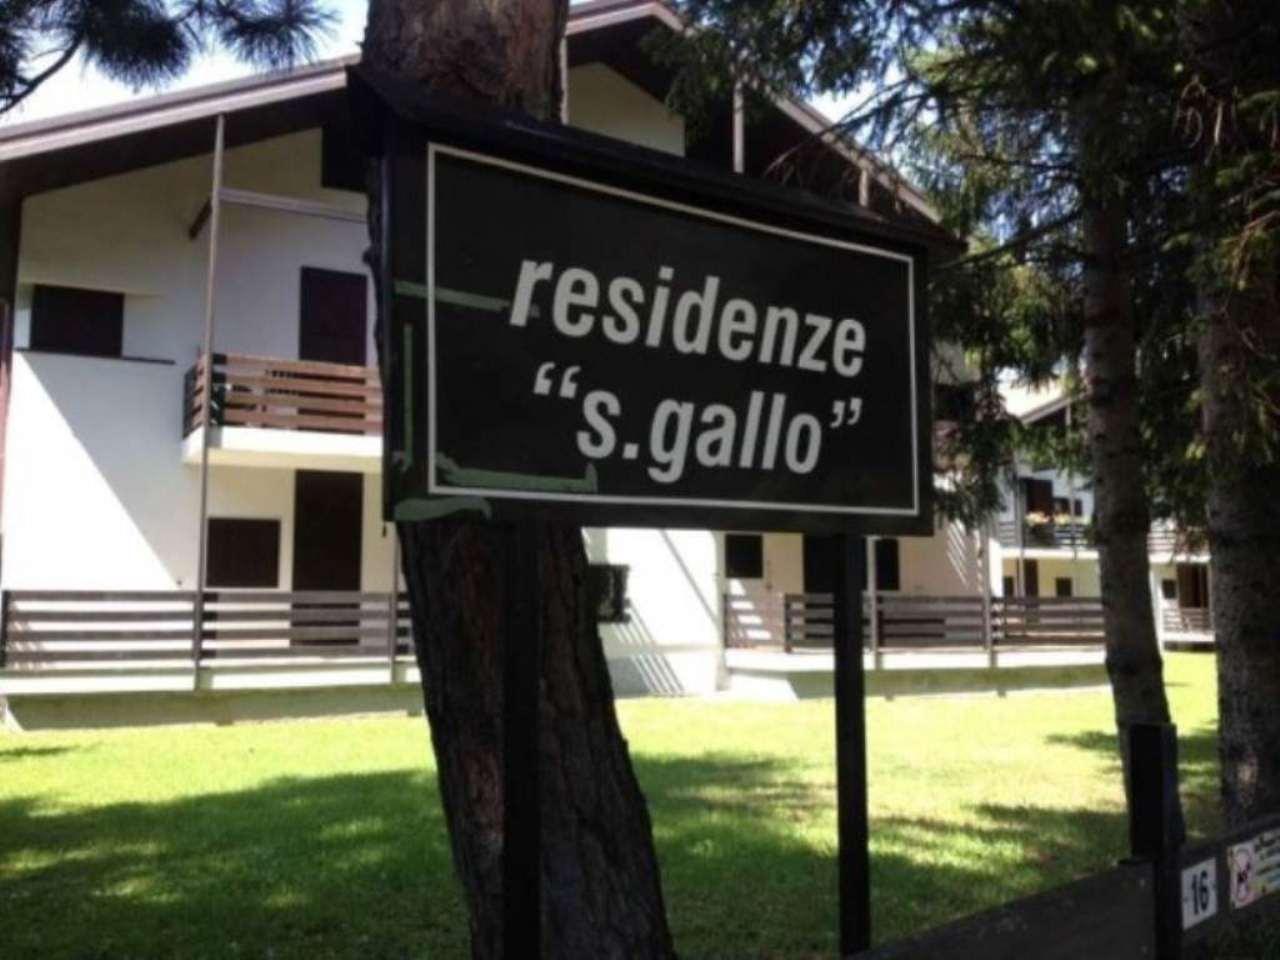 Attico / Mansarda in vendita a Valdidentro, 2 locali, prezzo € 275.000 | Cambio Casa.it